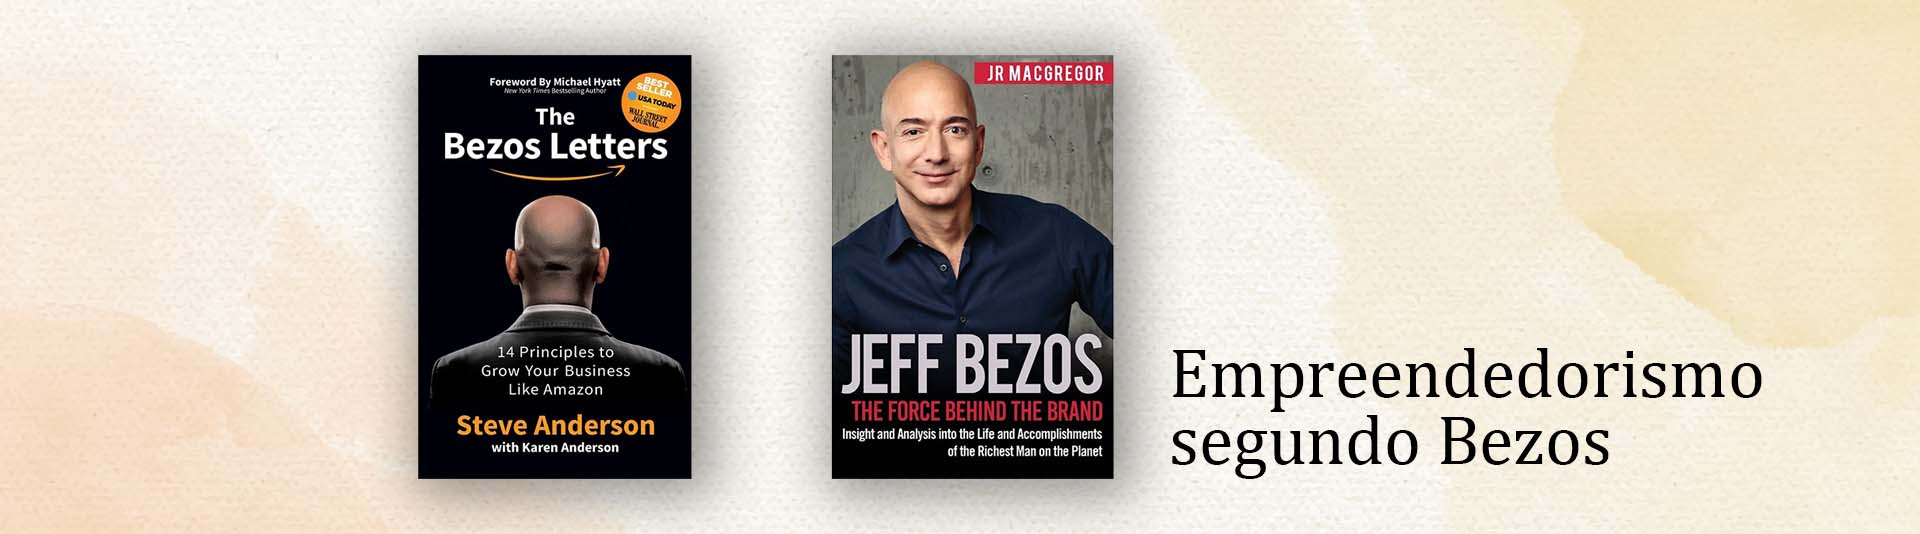 Empreendedorismo segundo Bezos